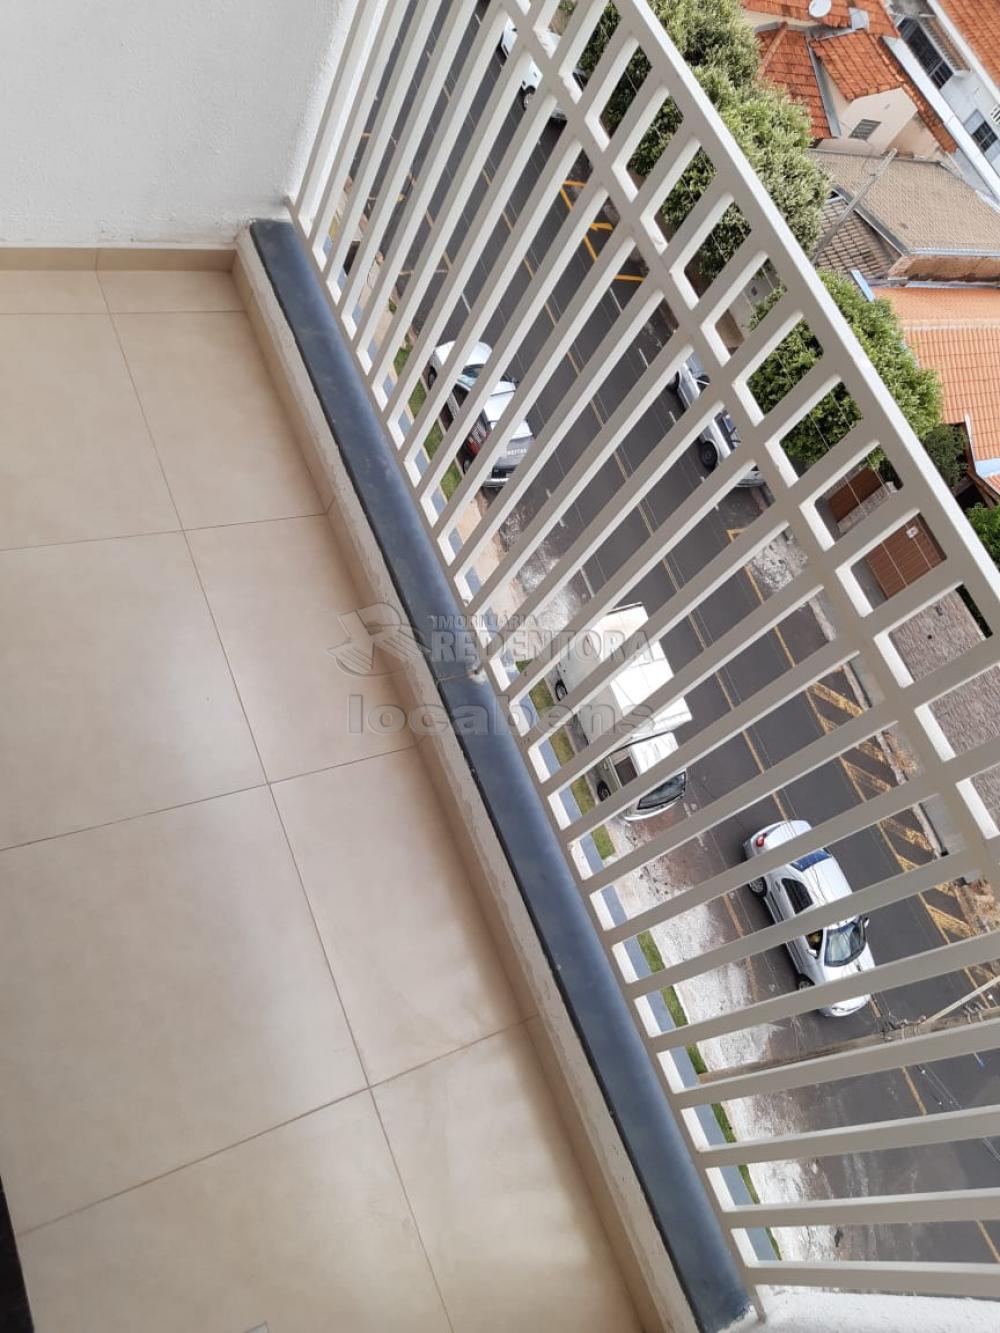 Alugar Apartamento / Padrão em São José do Rio Preto R$ 1.100,00 - Foto 3